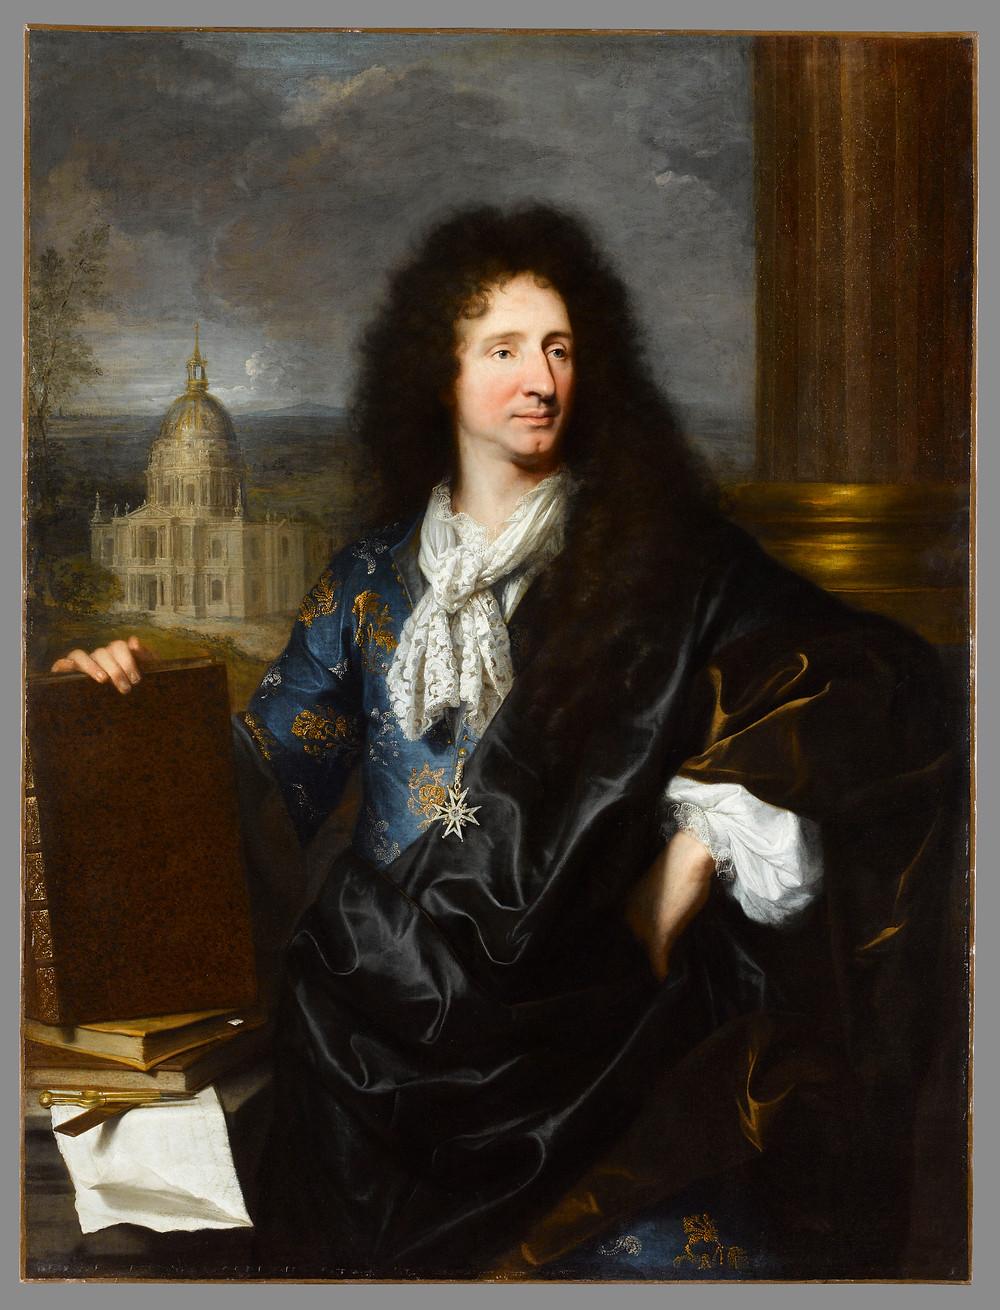 Hyacinthe Rigaud, Portrait de l'architecte Jules Hardouin-Mansart, 1685, Paris, musée du Louvre, inv. 7510